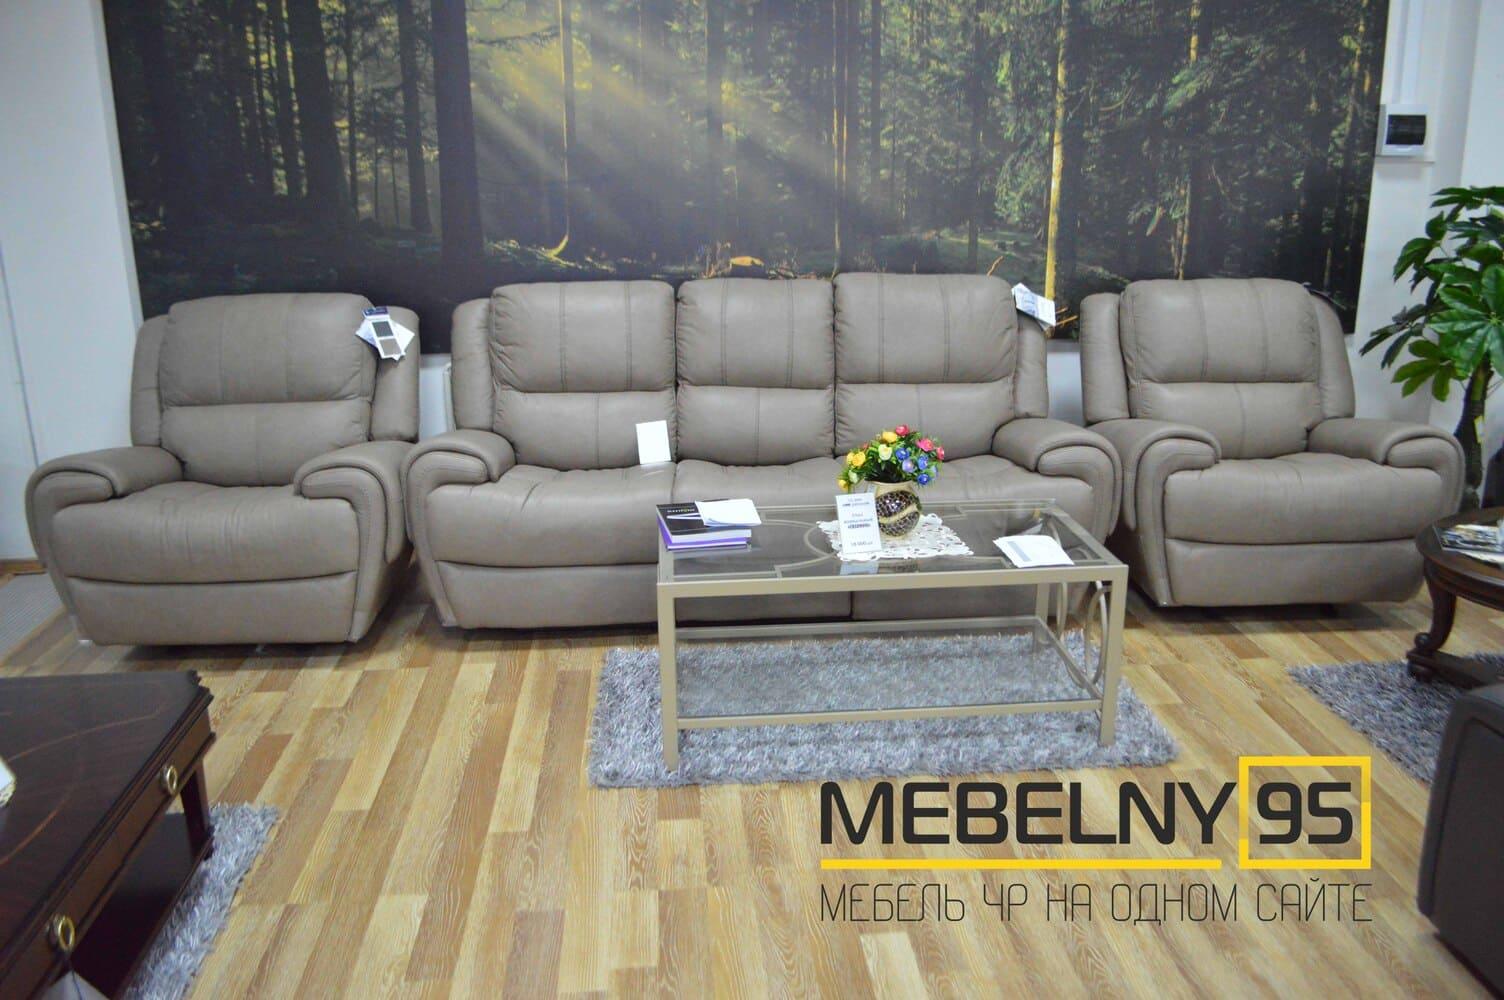 Кожаная мебель - изображение №1 на mebelny95.ru